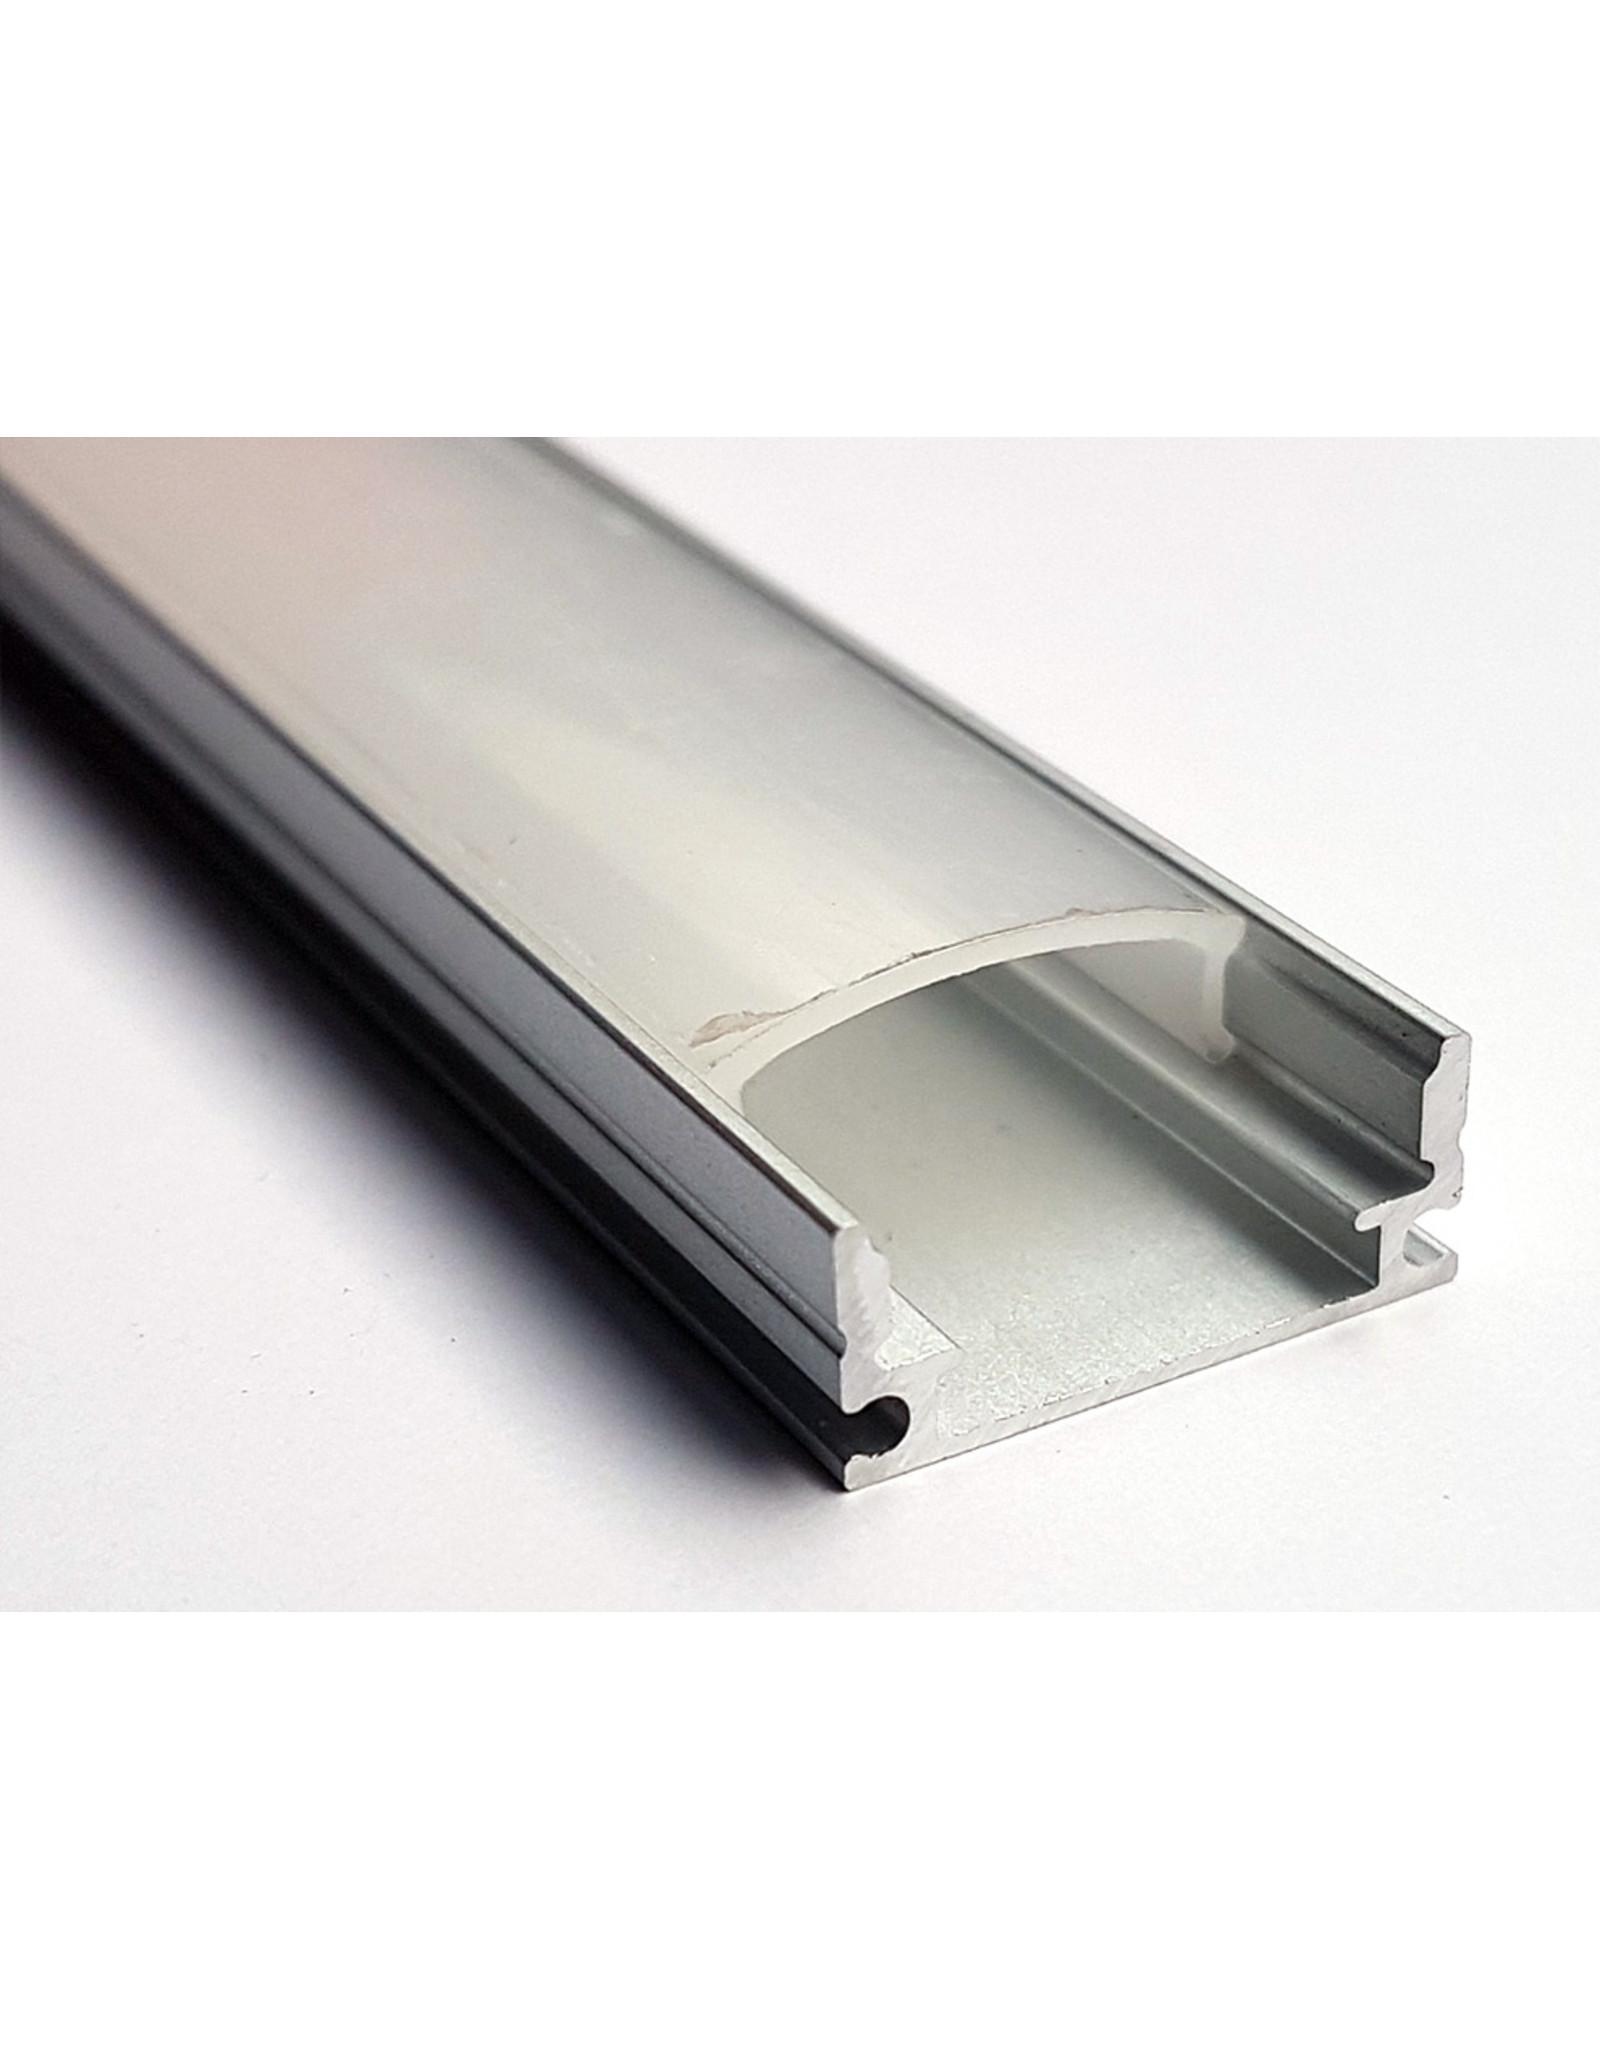 Lights U Profiel 6mm - 3 meter with plastic cover (prijs per 3 meter)